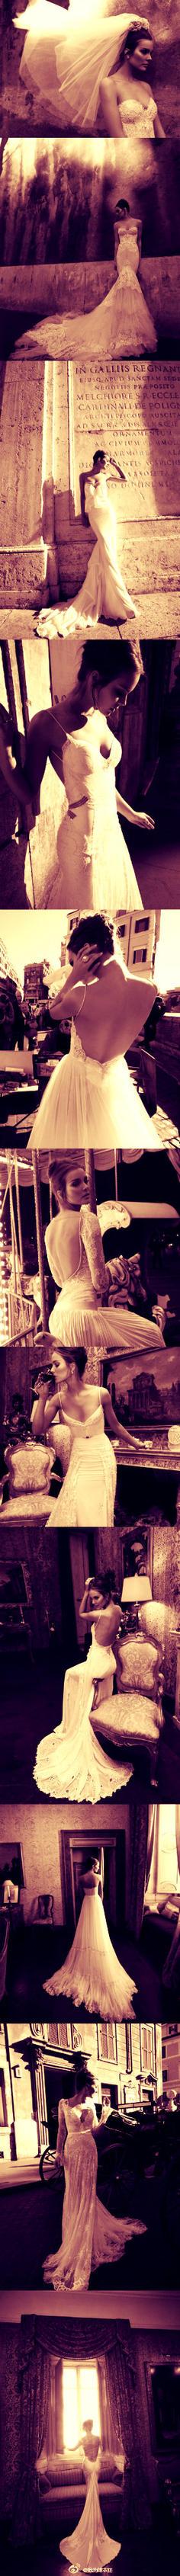 vestido de novia by angieanella